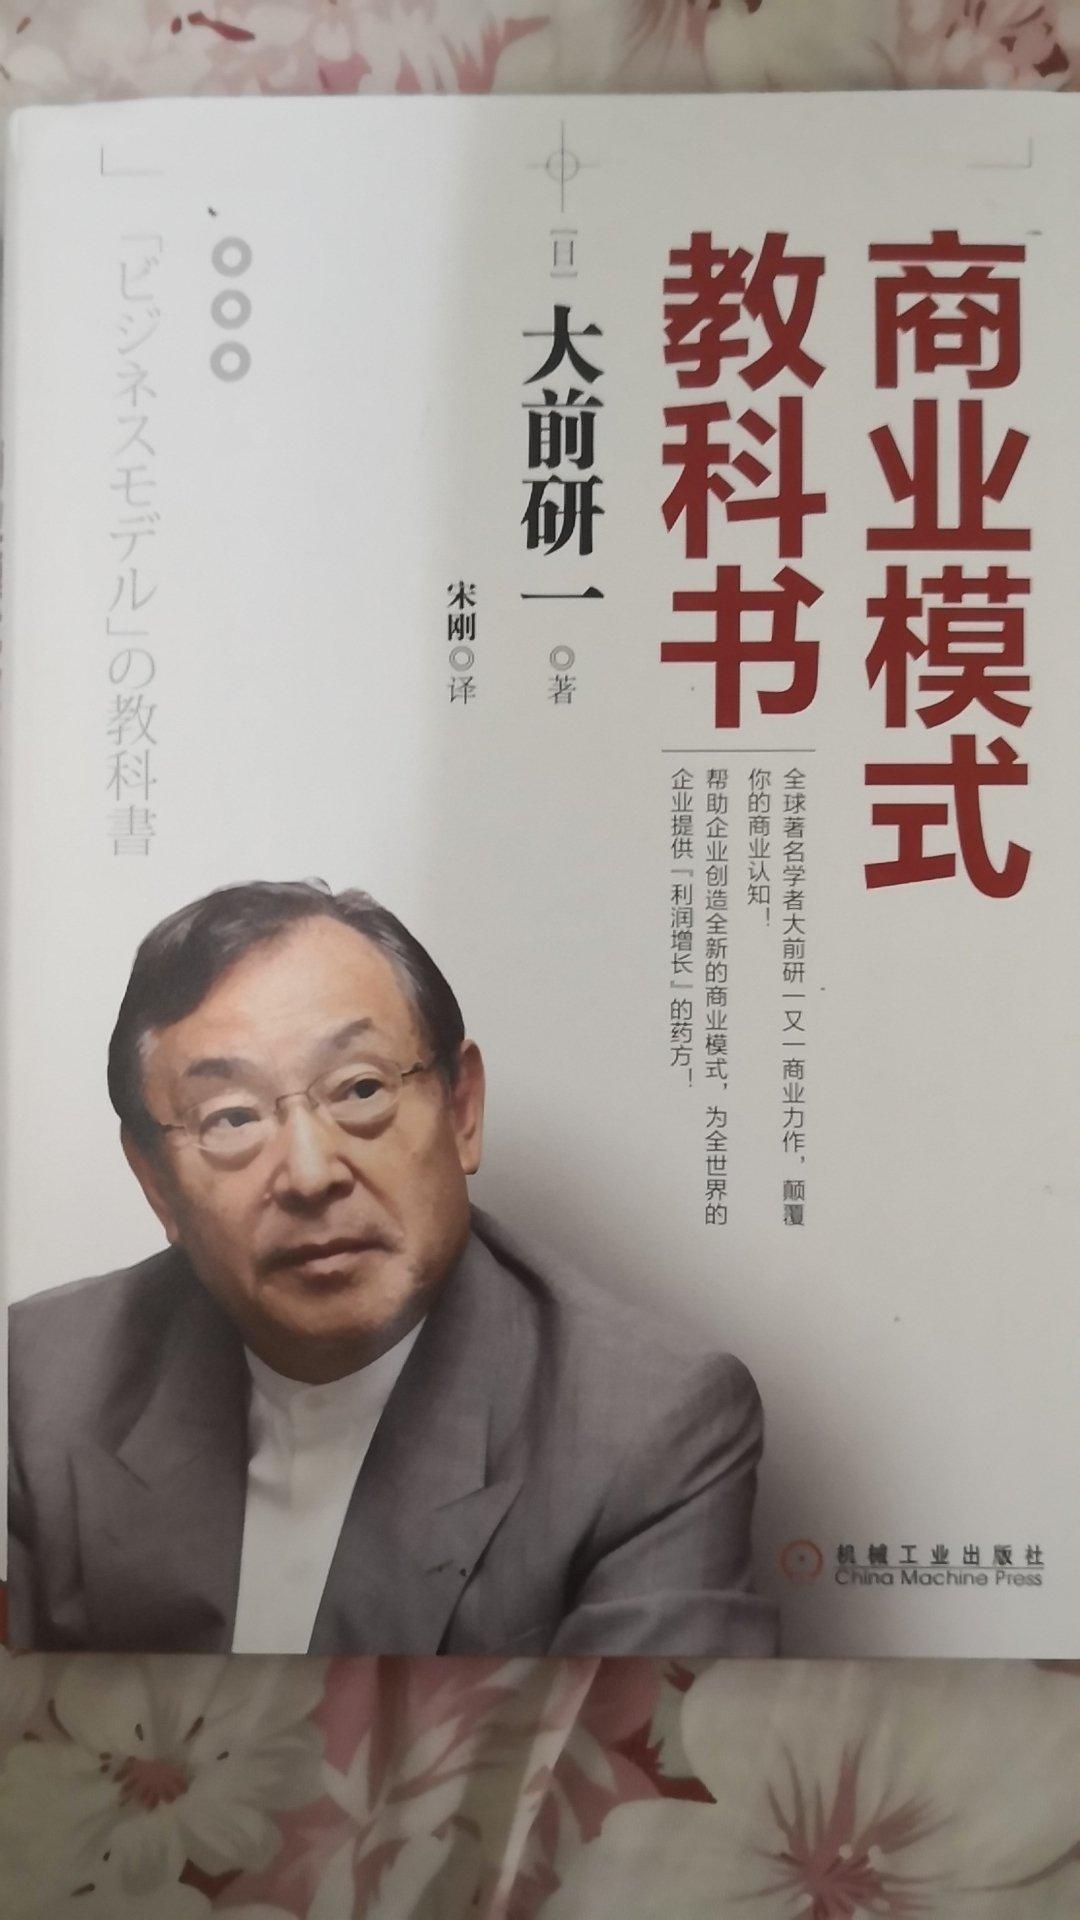 前 研一 大 根本在說台灣阿!大前研一:不婚不生、不買房滿街的小七,讓日本年輕人喪失物欲和成功欲-非讀BOOK|商周